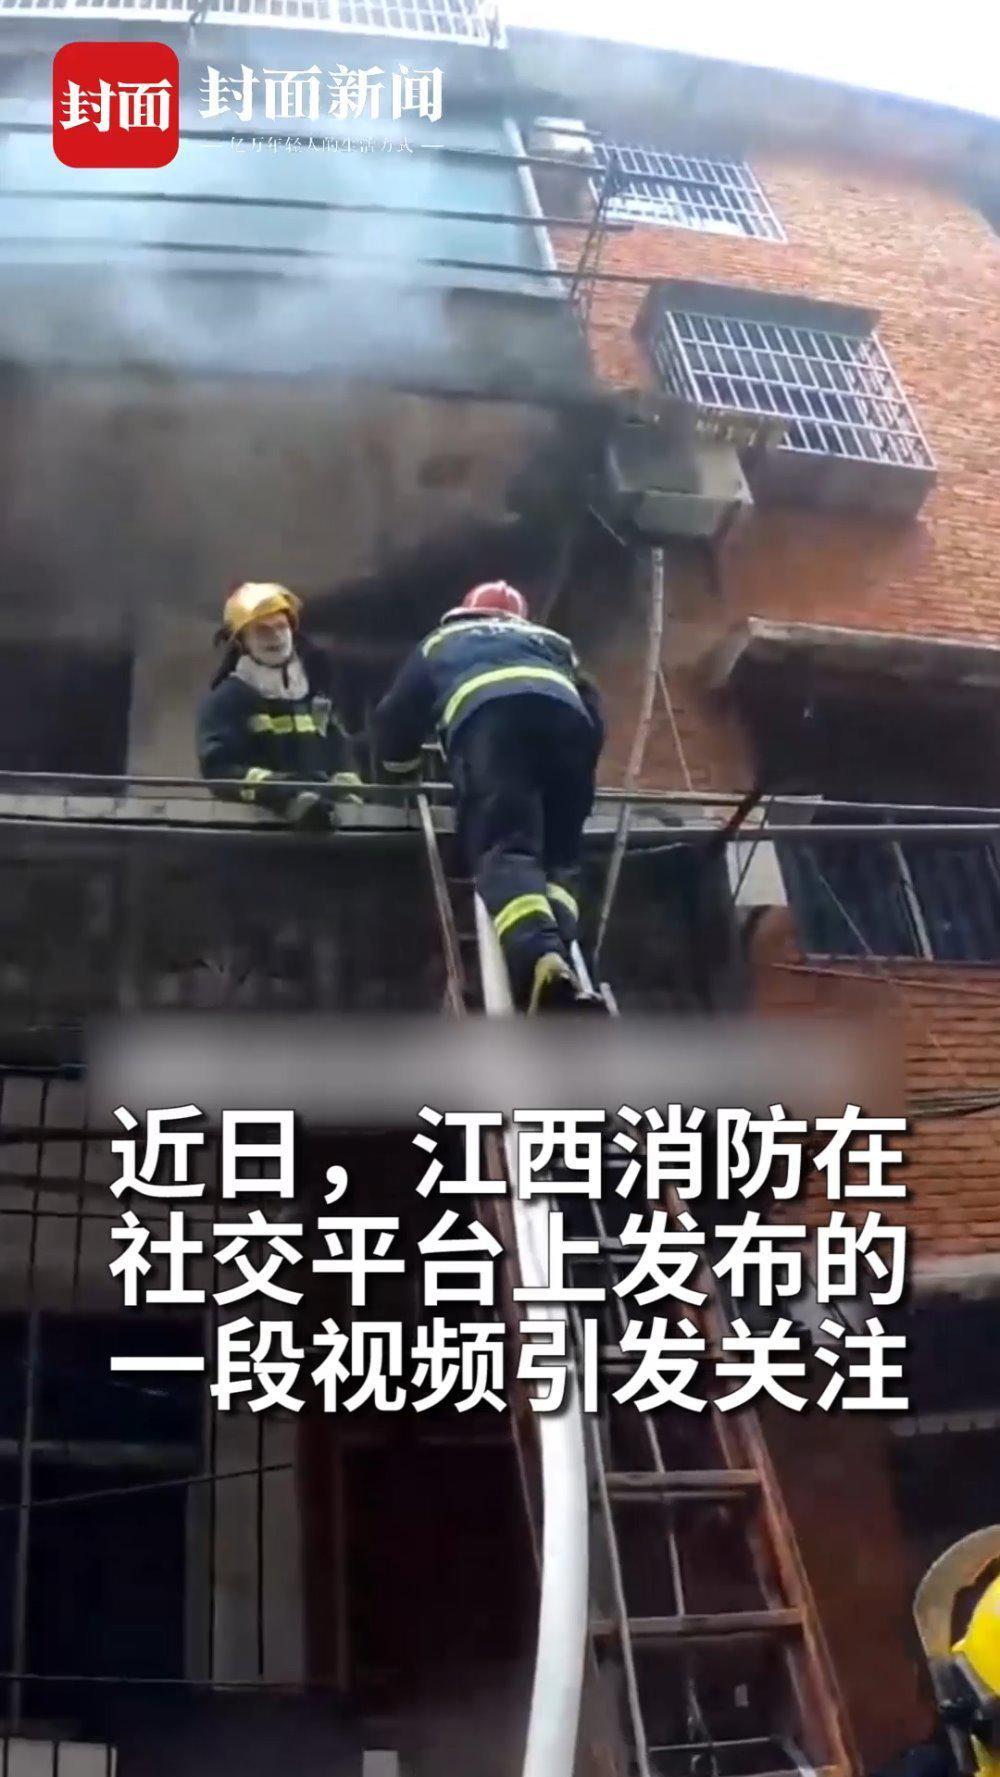 消防员出警灭火还敷面膜?当事人回应:误会老大了 那是阻燃头套